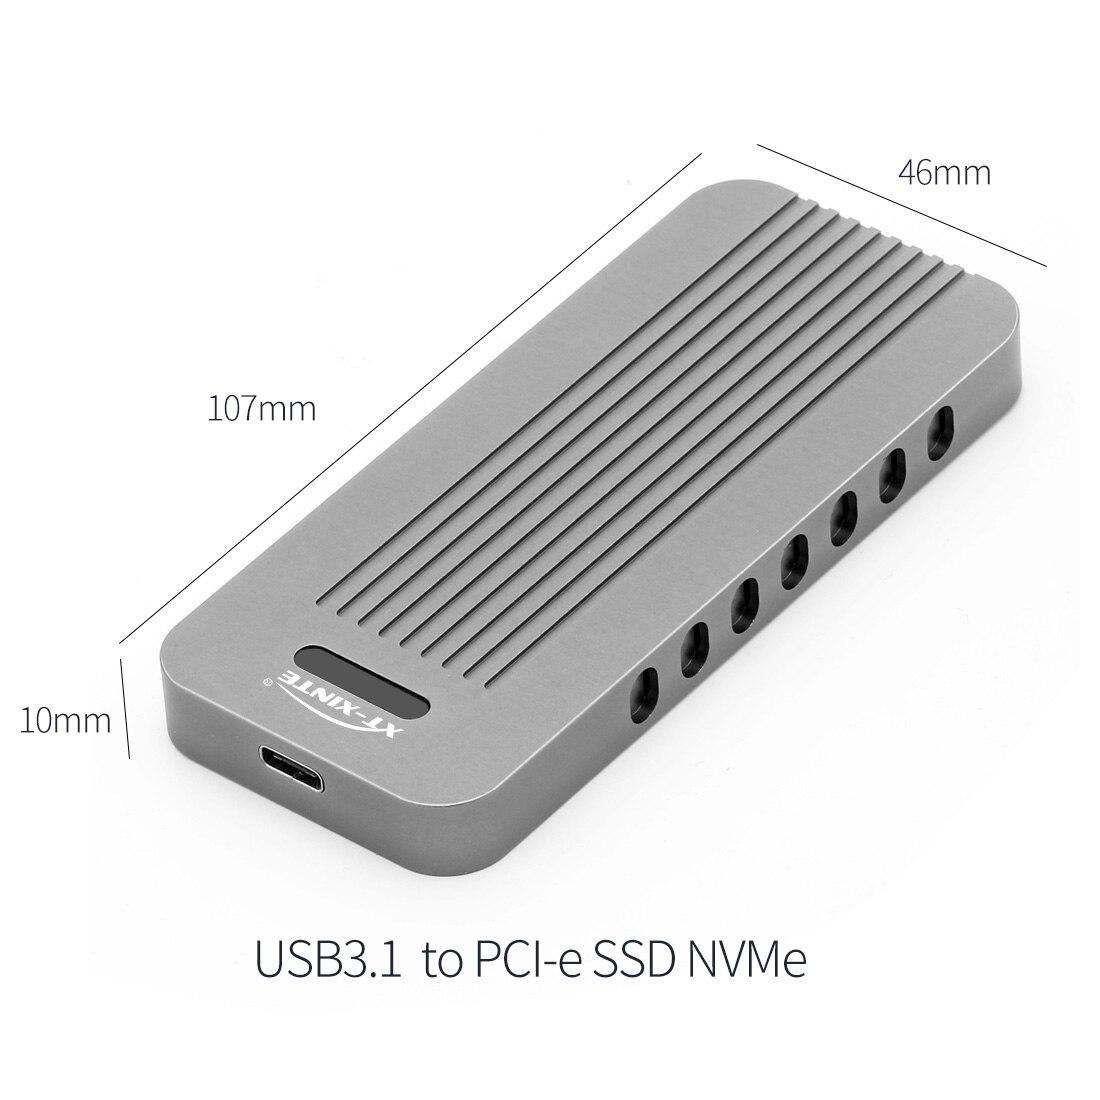 Métal Externe M.2 à 10 Gbps USB 3.1 Type C NVMe PCIe 3.0 SSD Boitier M Clé NGFF USB3.1 HDD Boîte C à C Câble Adaptateur